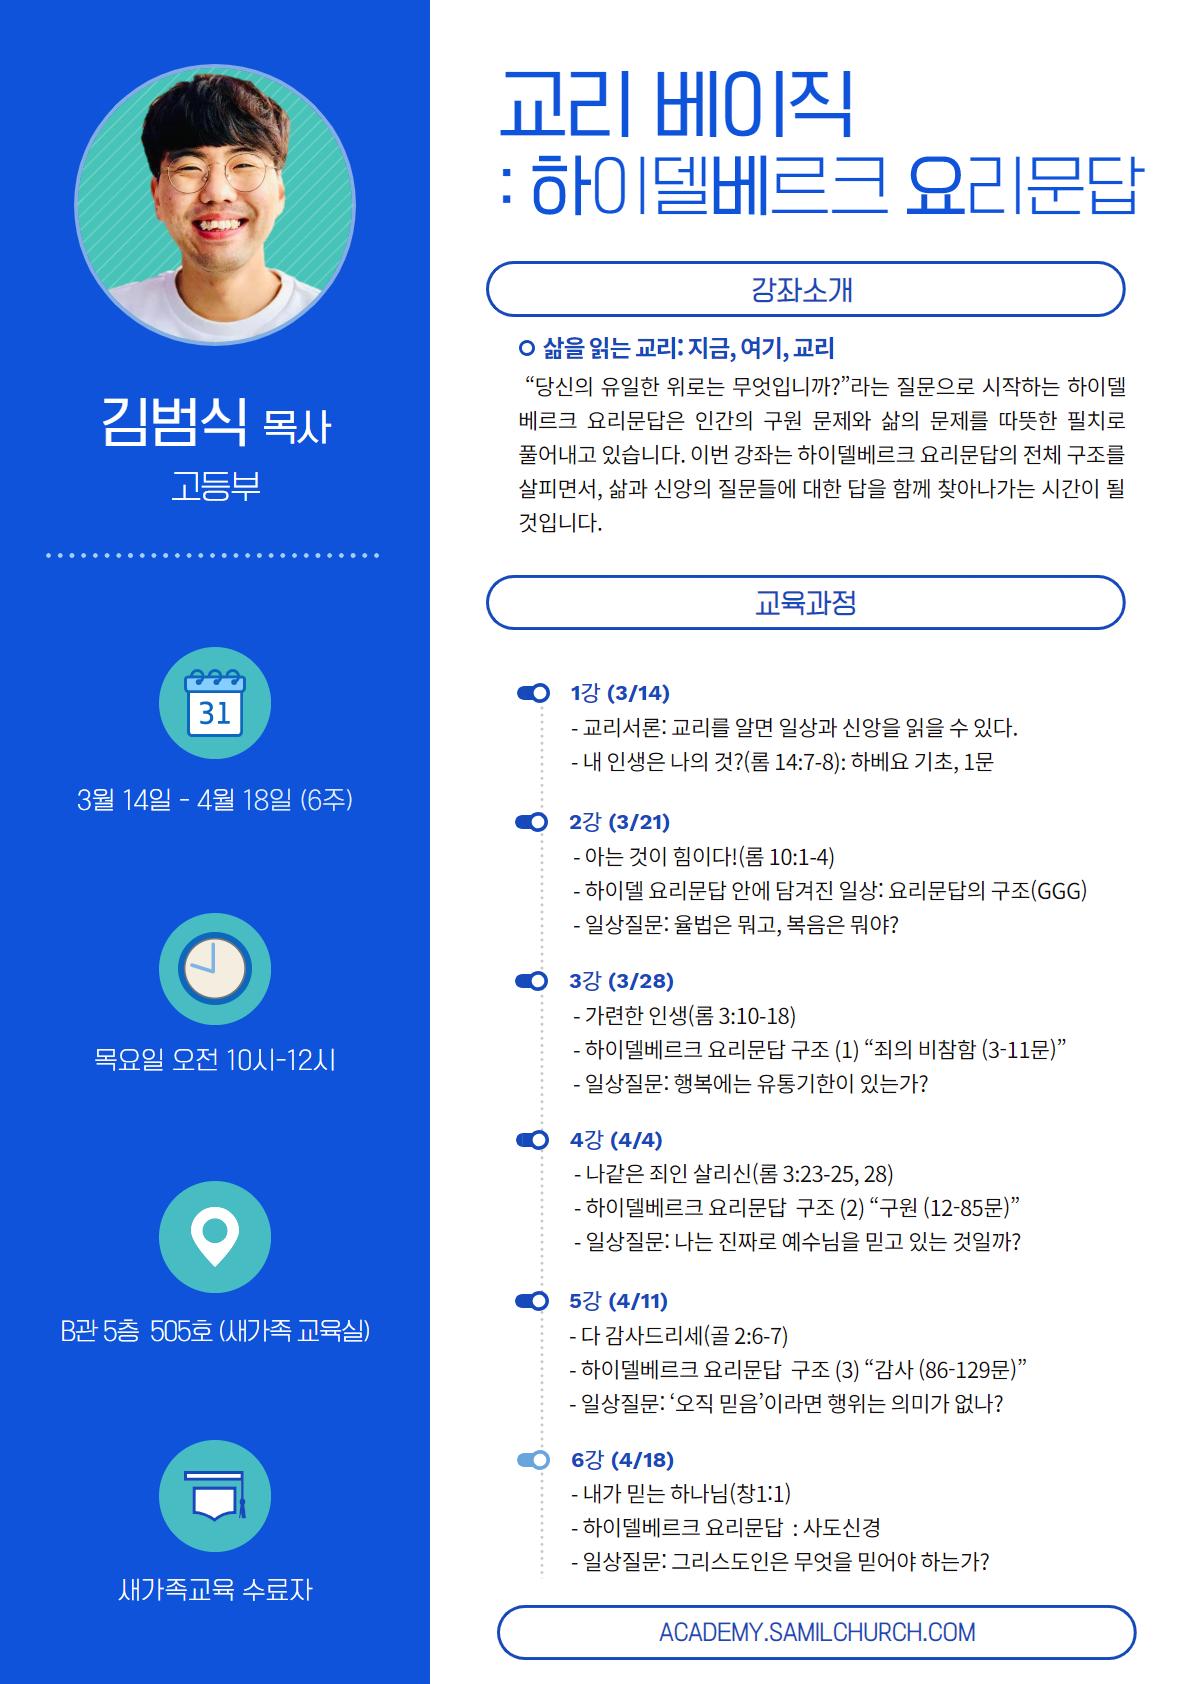 교리베이직(김범식).png